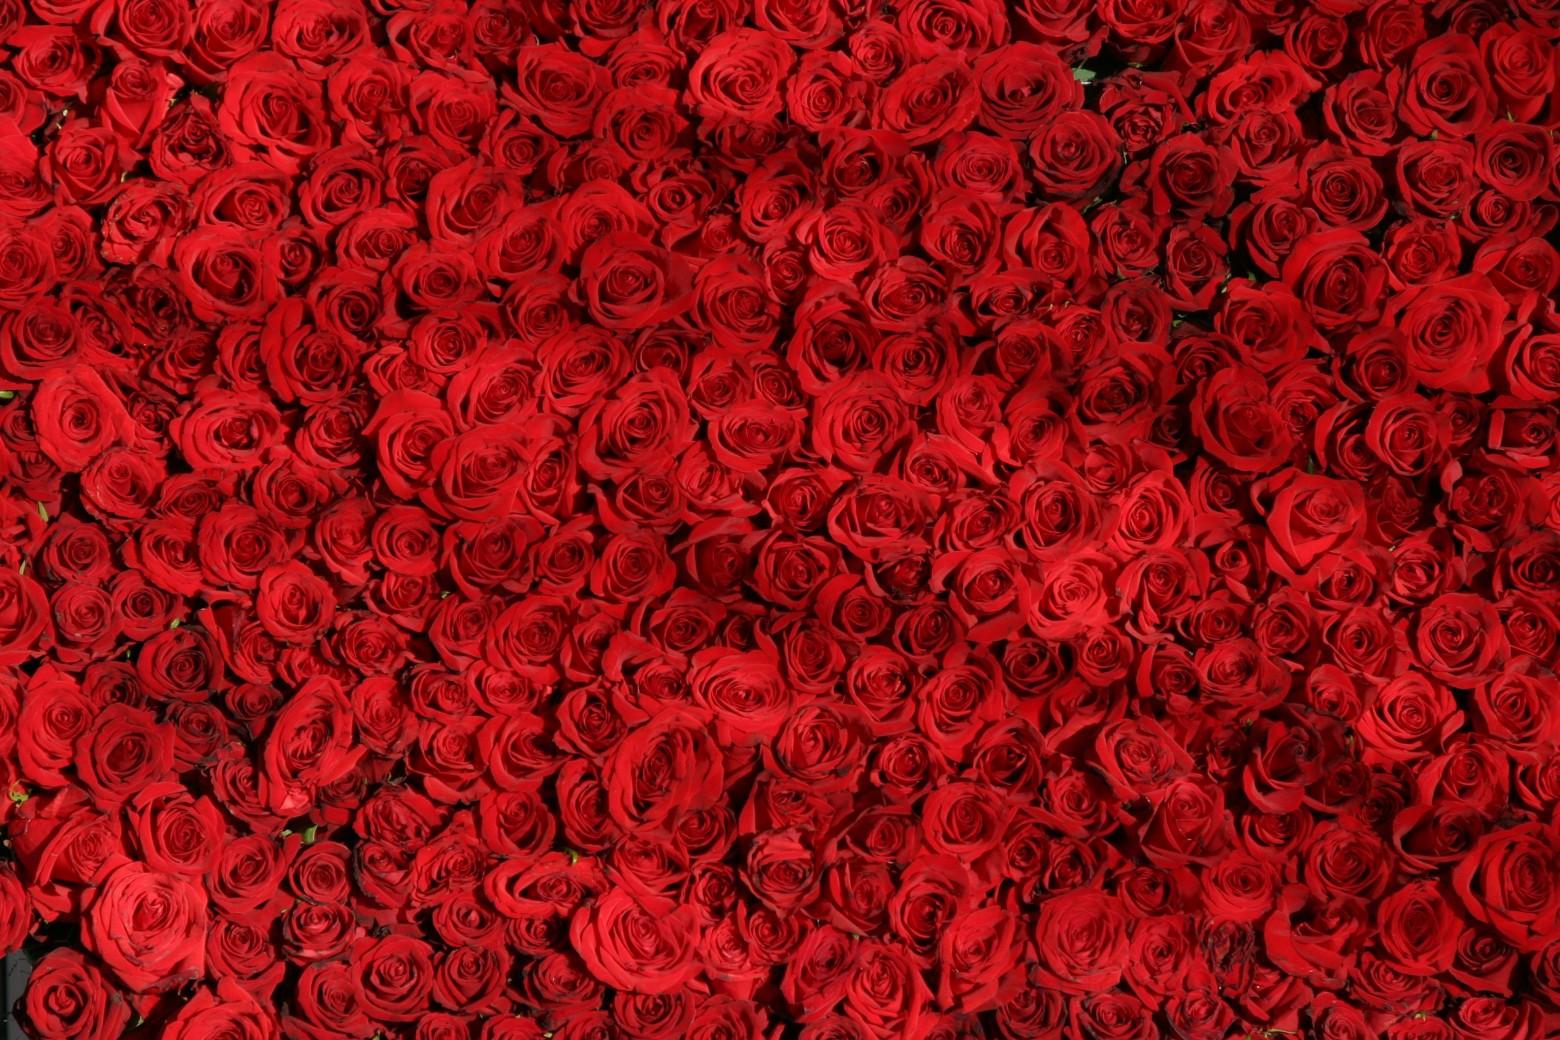 background roses rouges images photos hd gratuites libres de 1560x1040